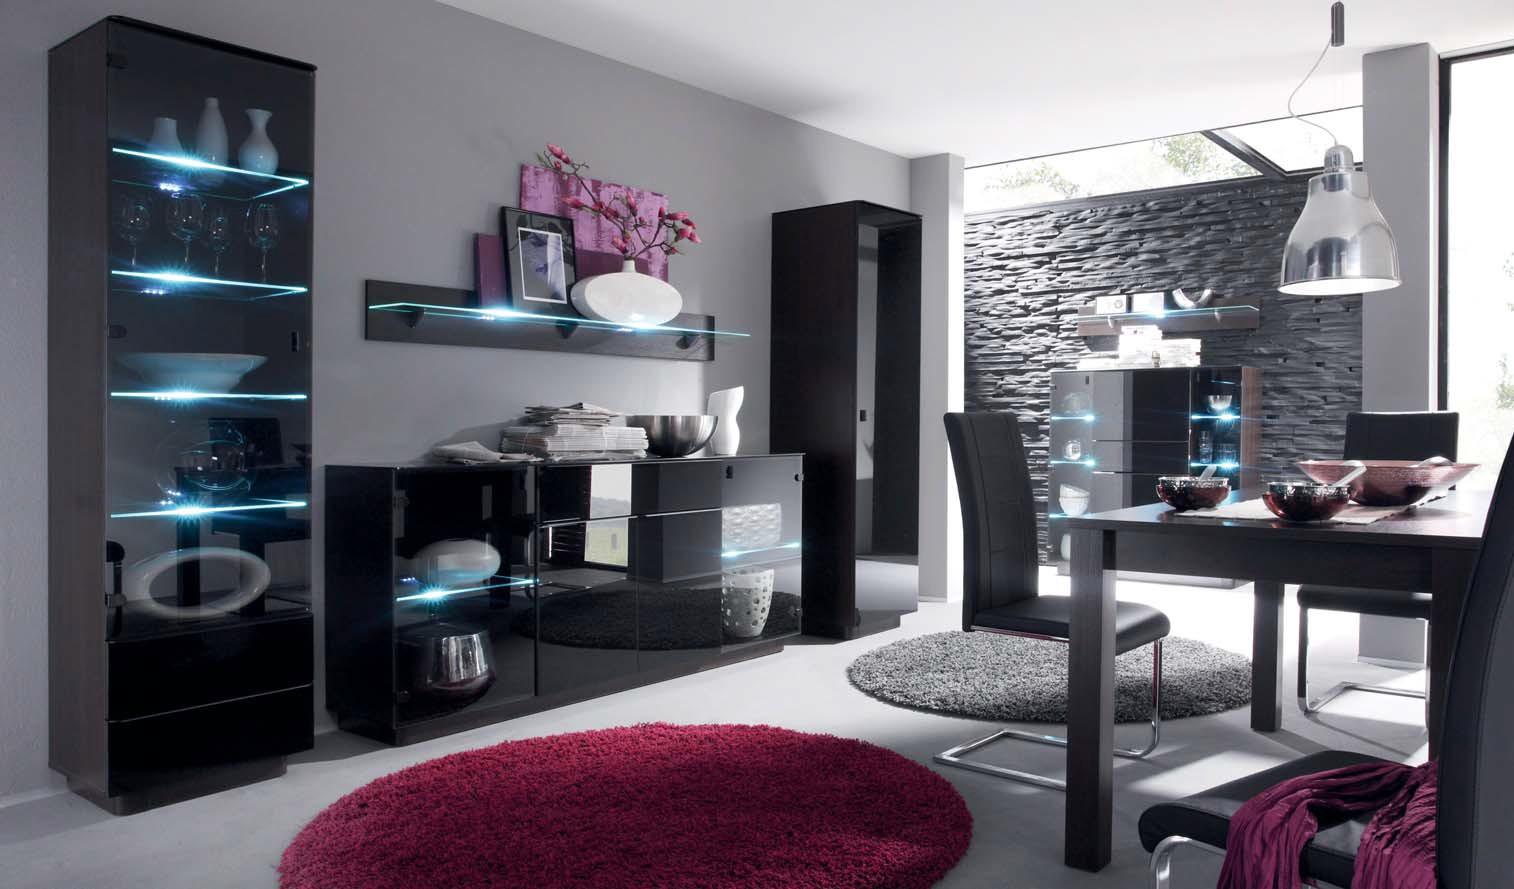 kommode sideboard togo mit led mit schwarz glas ebay. Black Bedroom Furniture Sets. Home Design Ideas